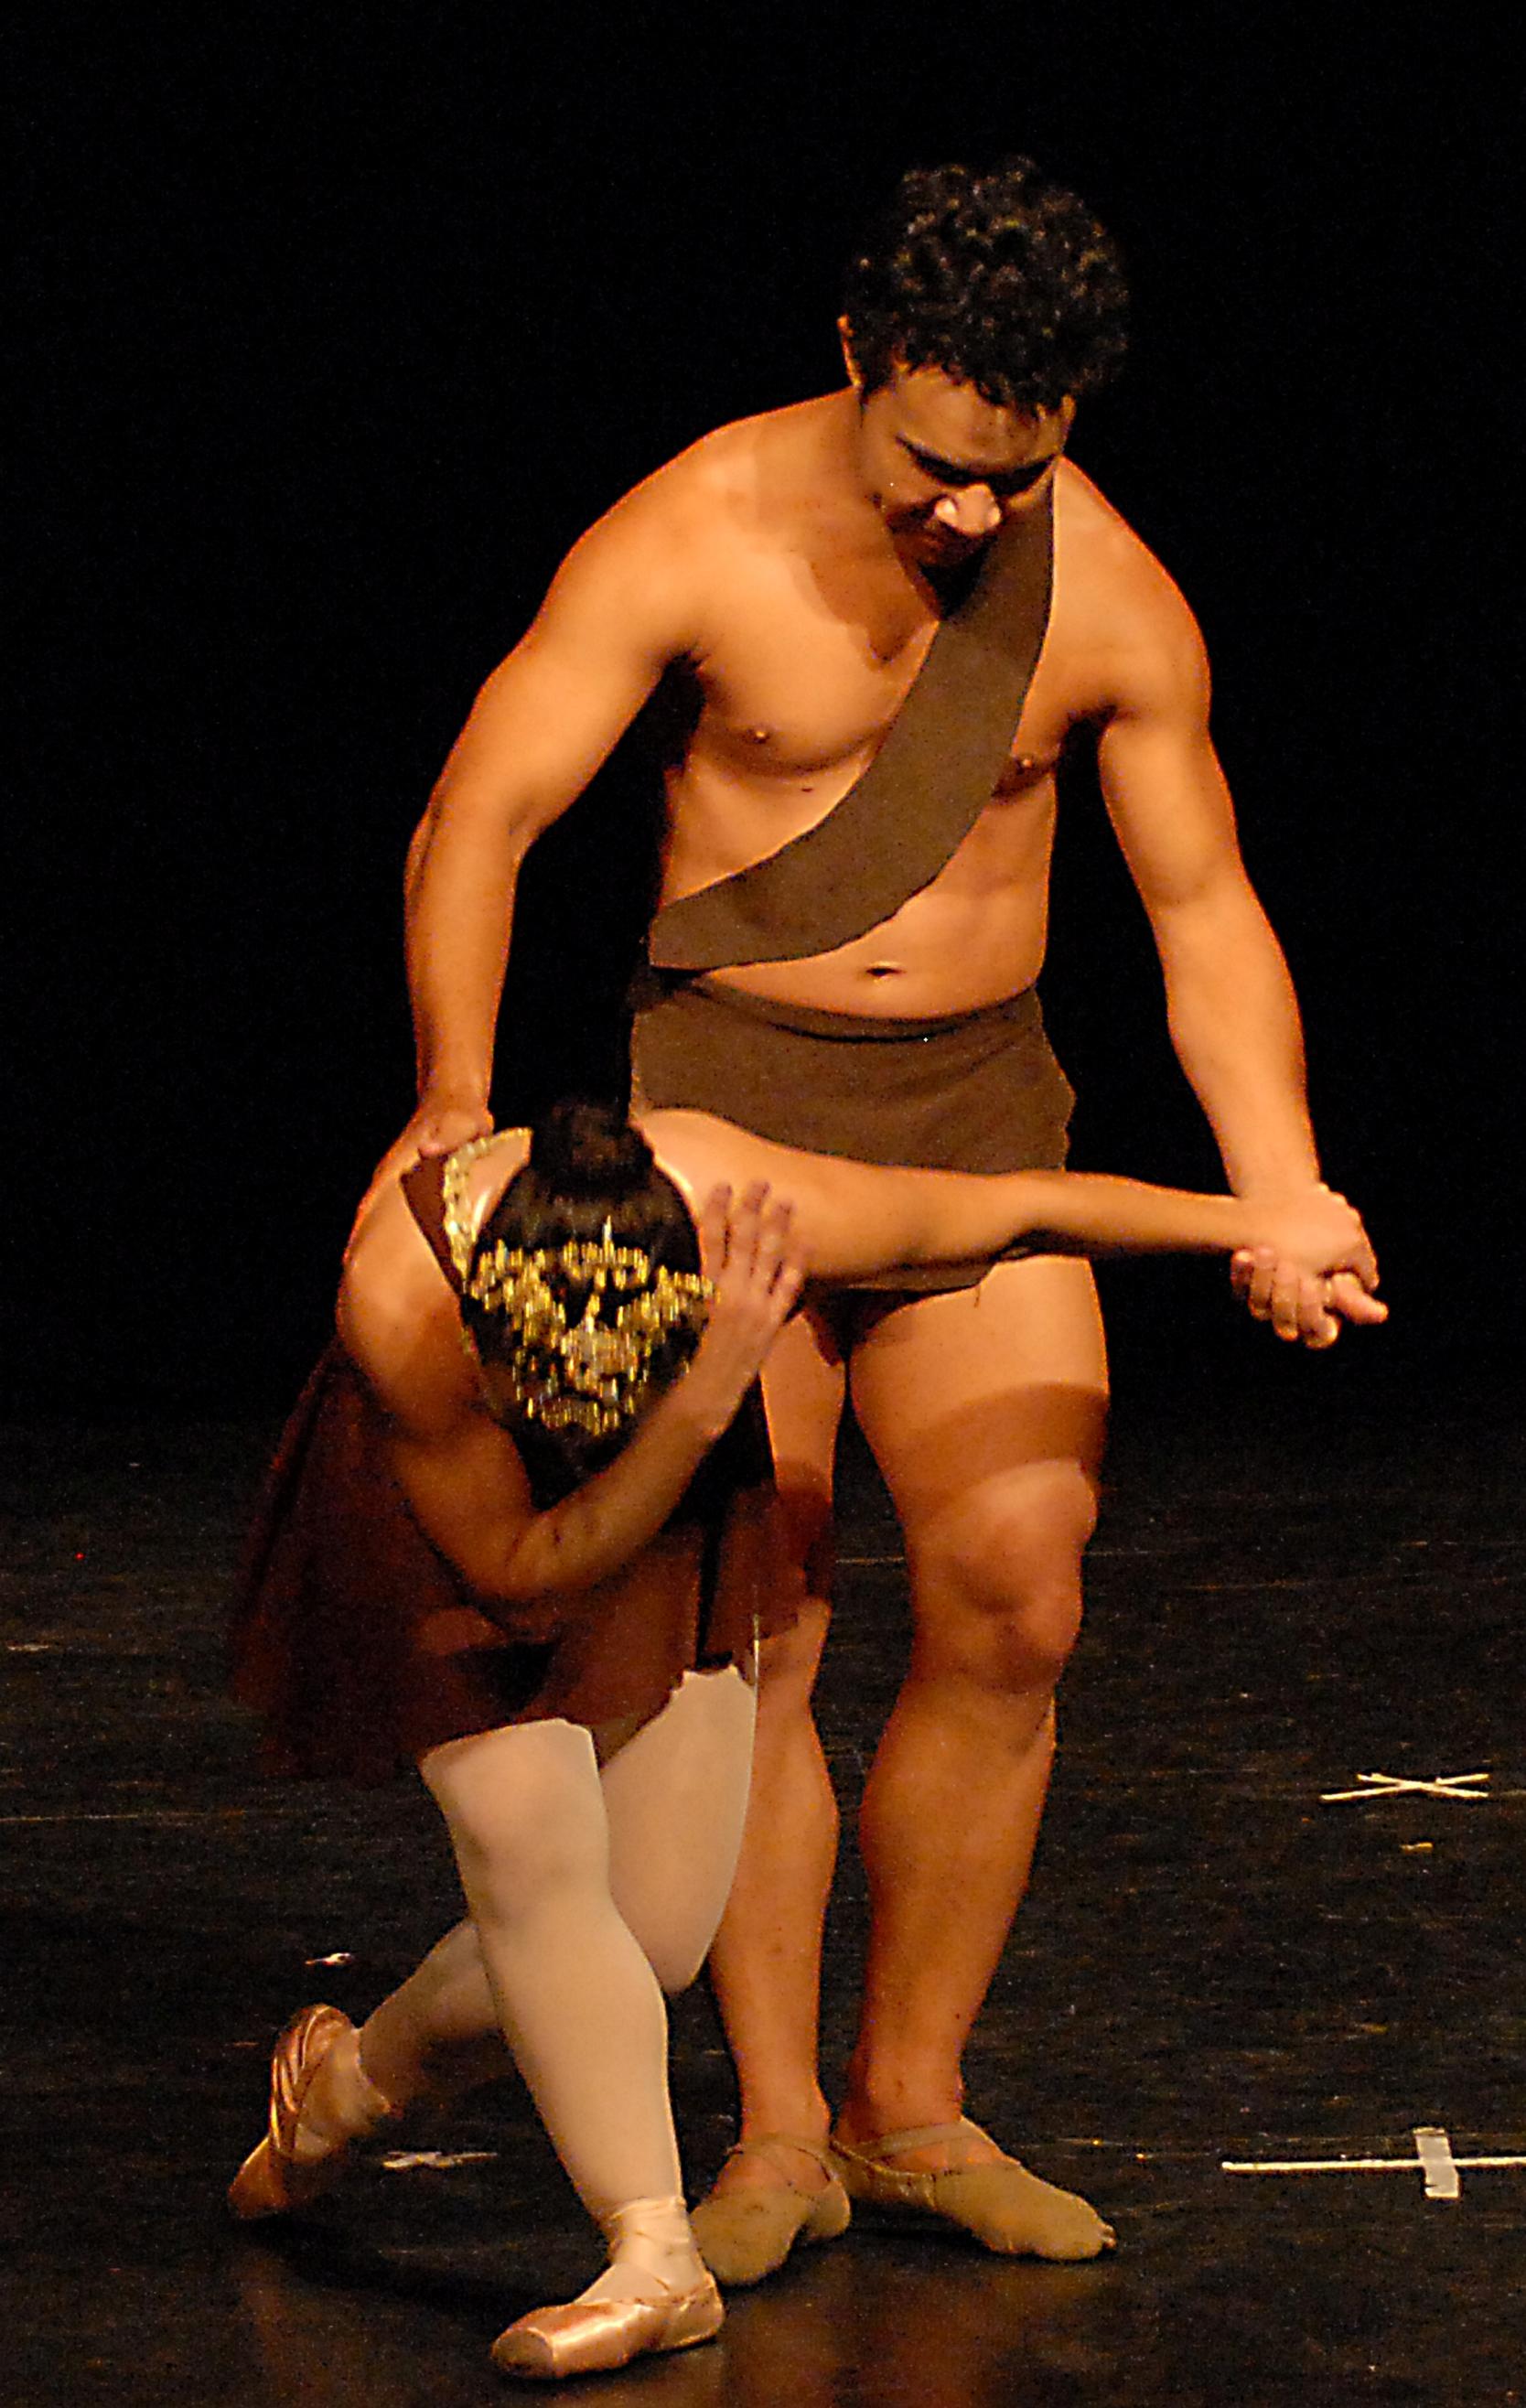 Meu reverence diário a todos amantes dessa arte, o ballet clássico!